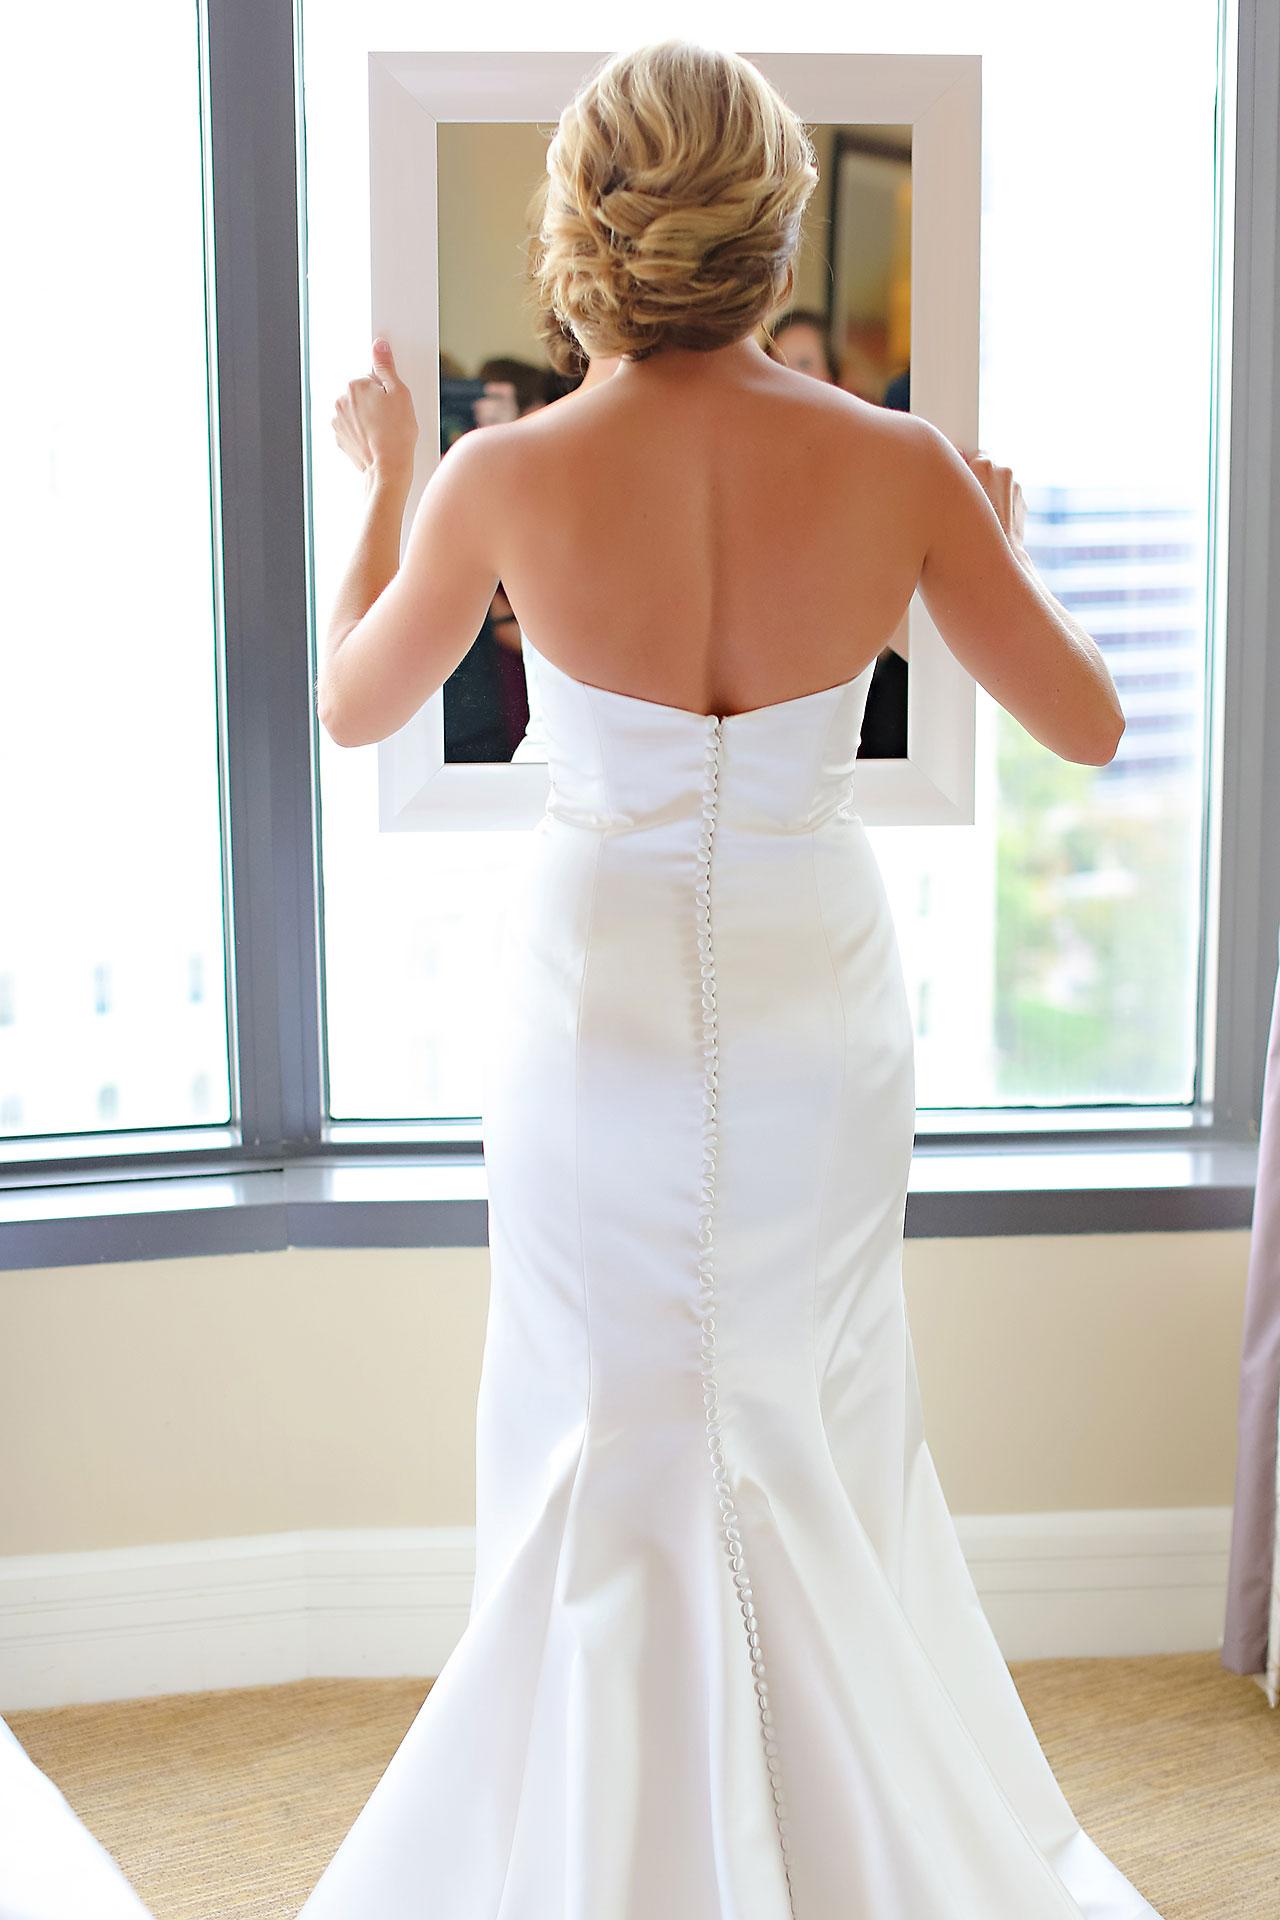 Kayci Matt Indiana Roof Ballroom Indianapolis Wedding 029